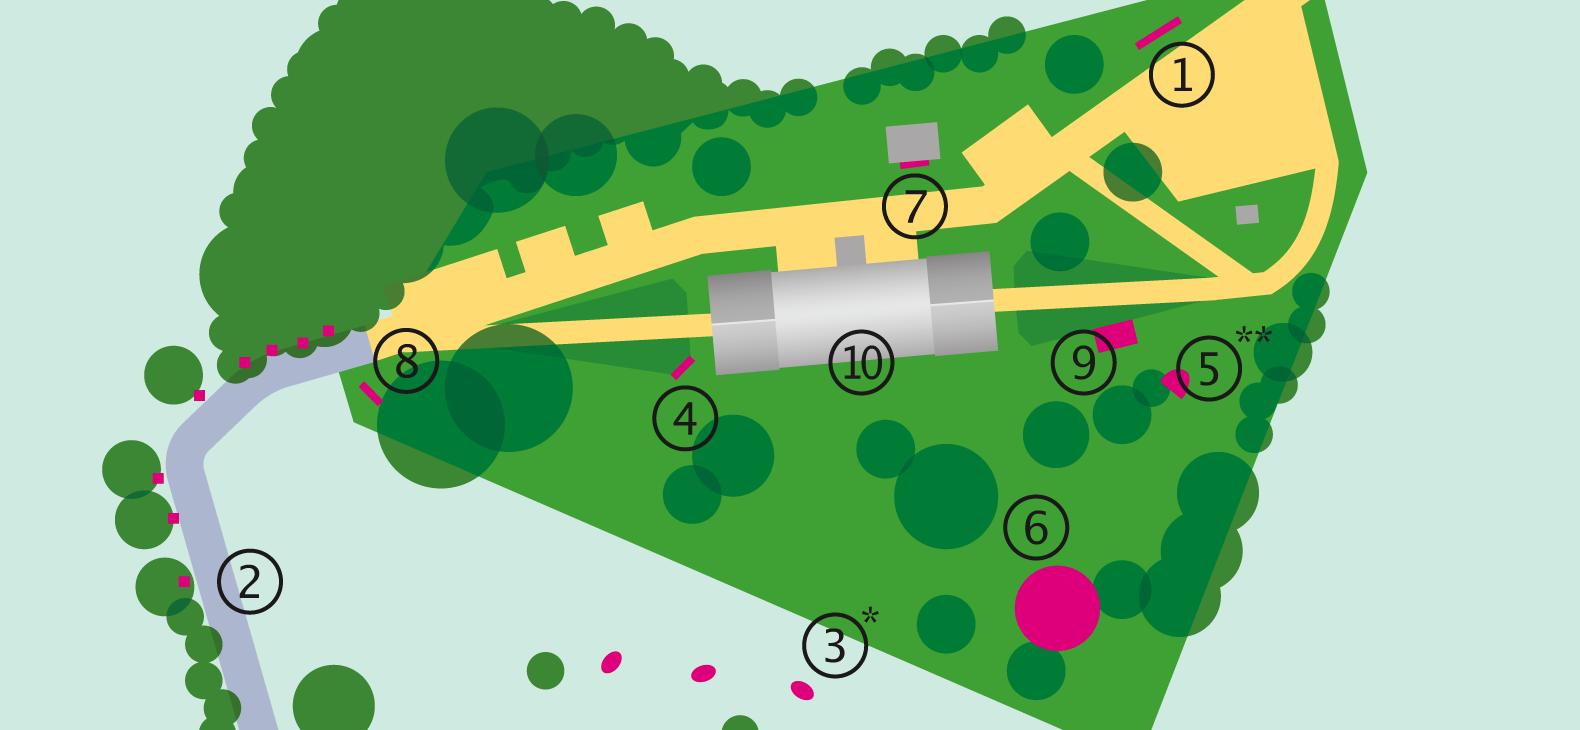 Skulpturengarten Karte